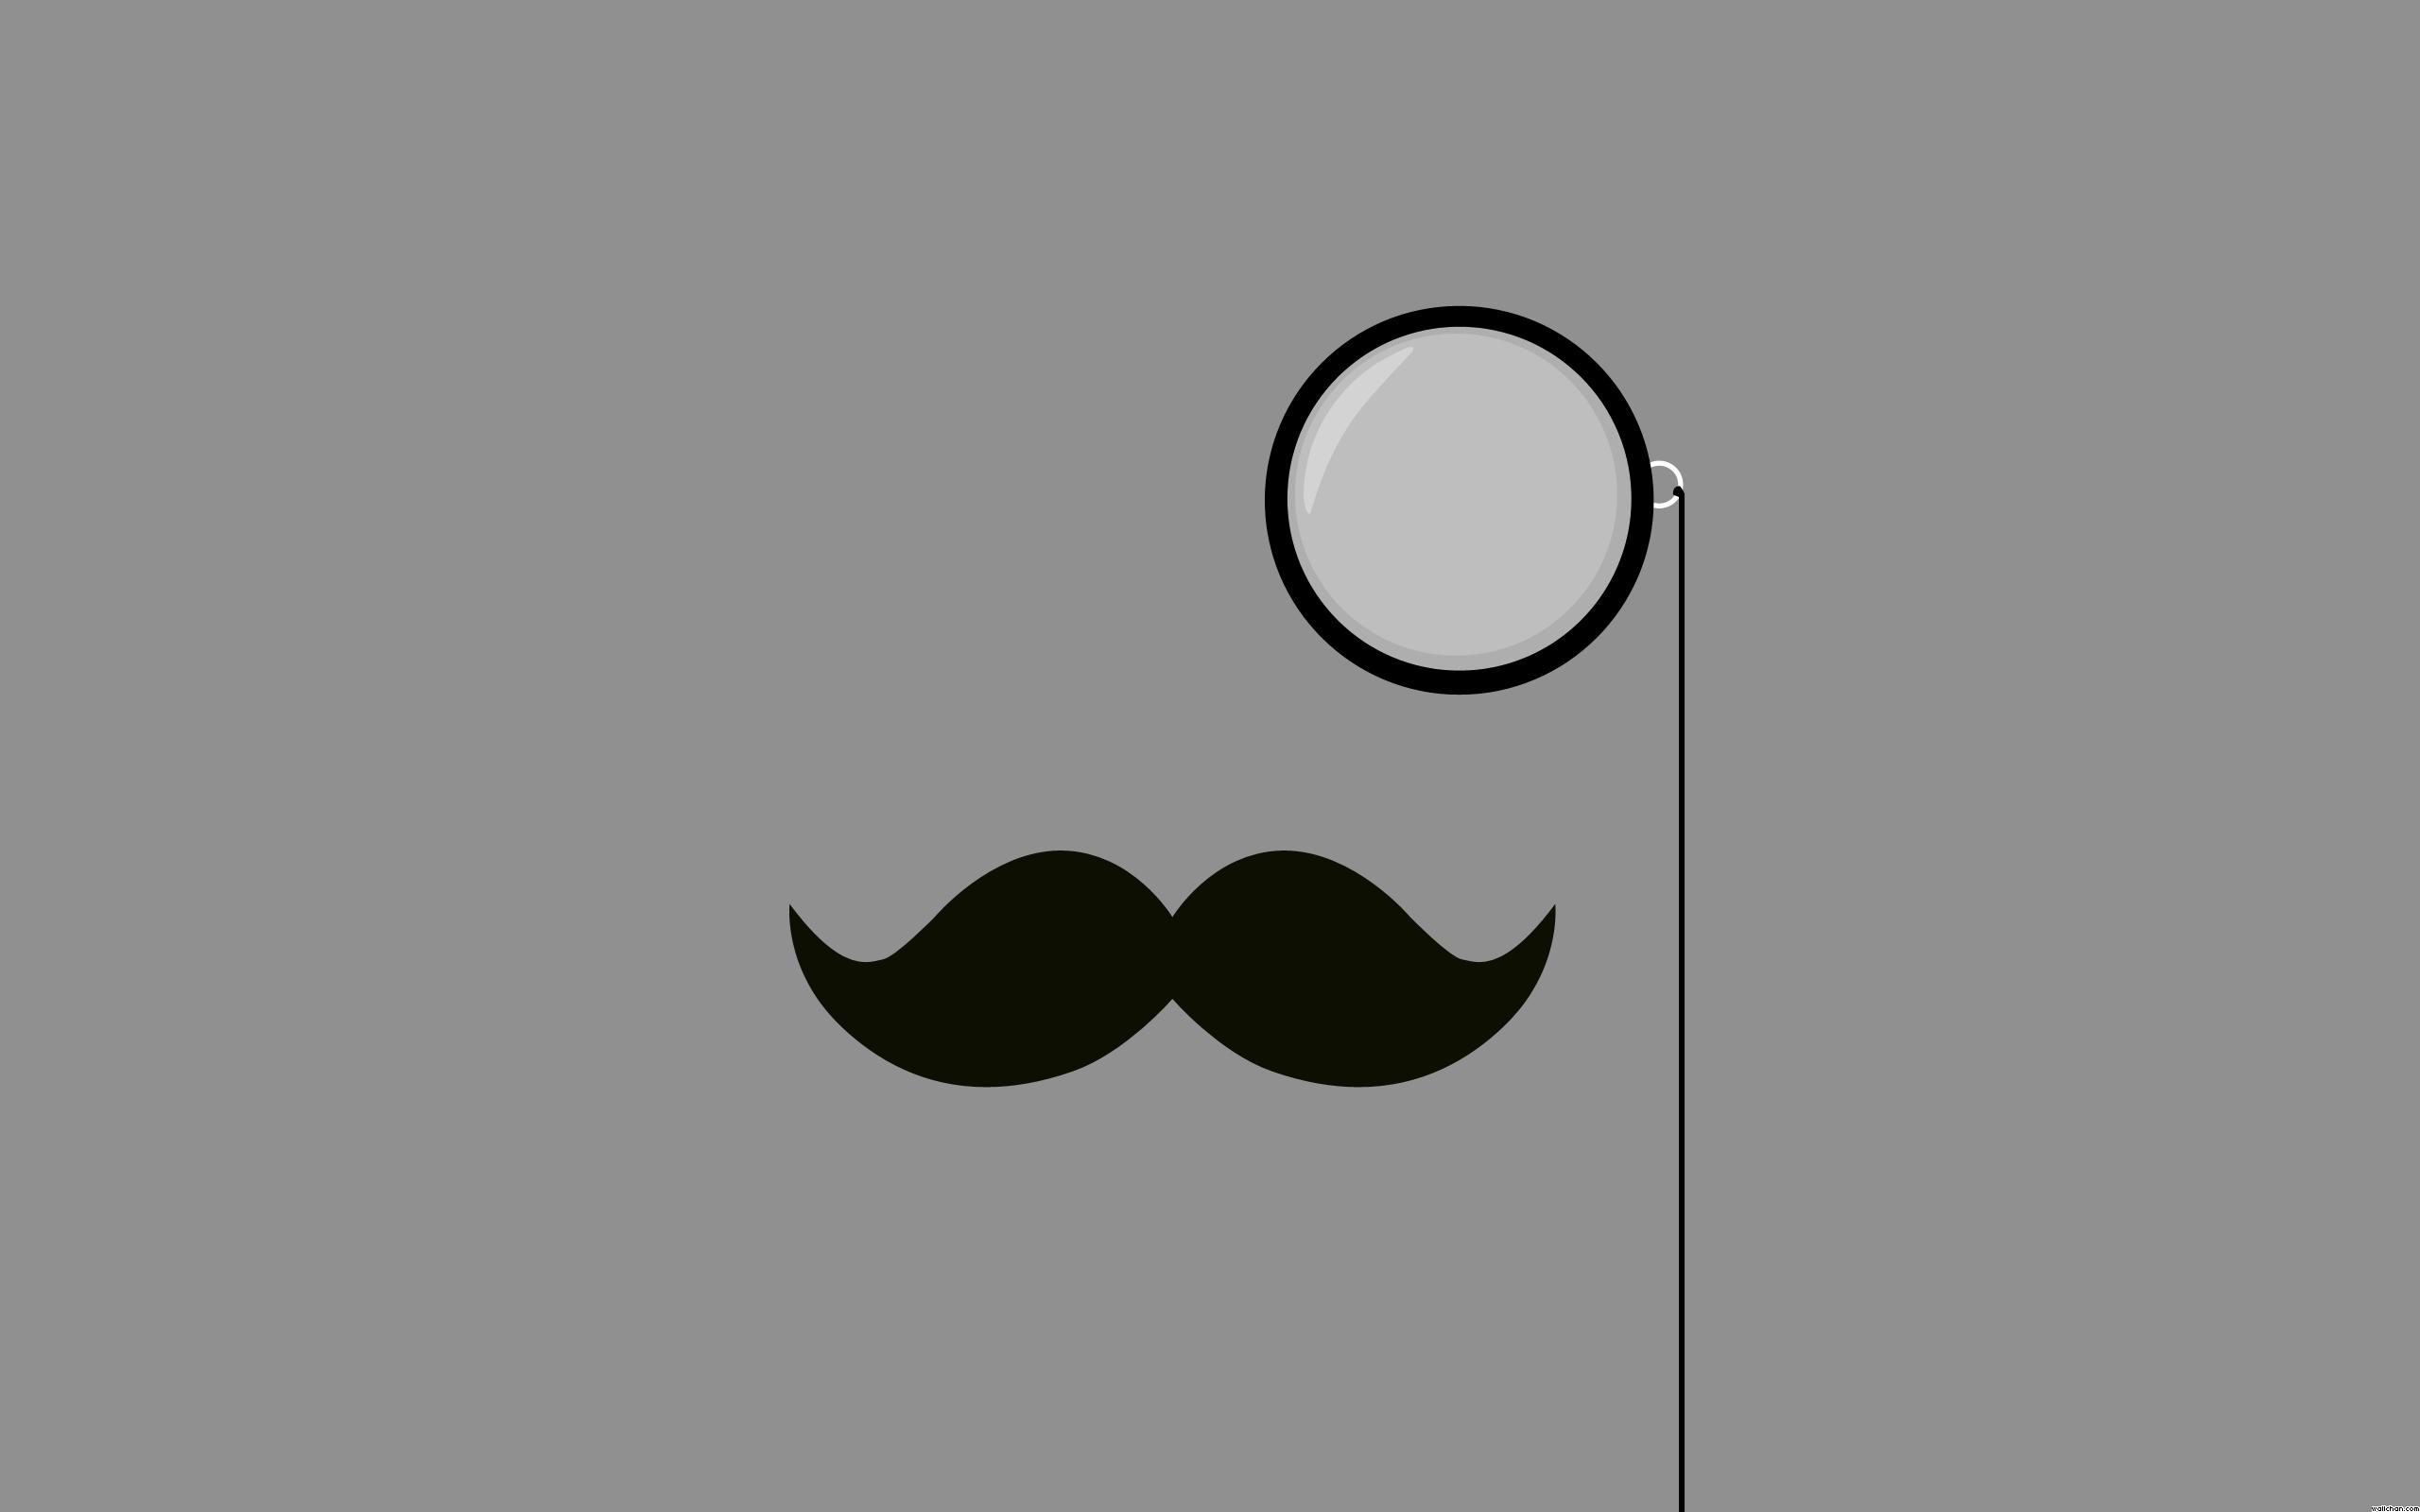 Moustache clipart jpeg. Mustache backgrounds wallpaper cave